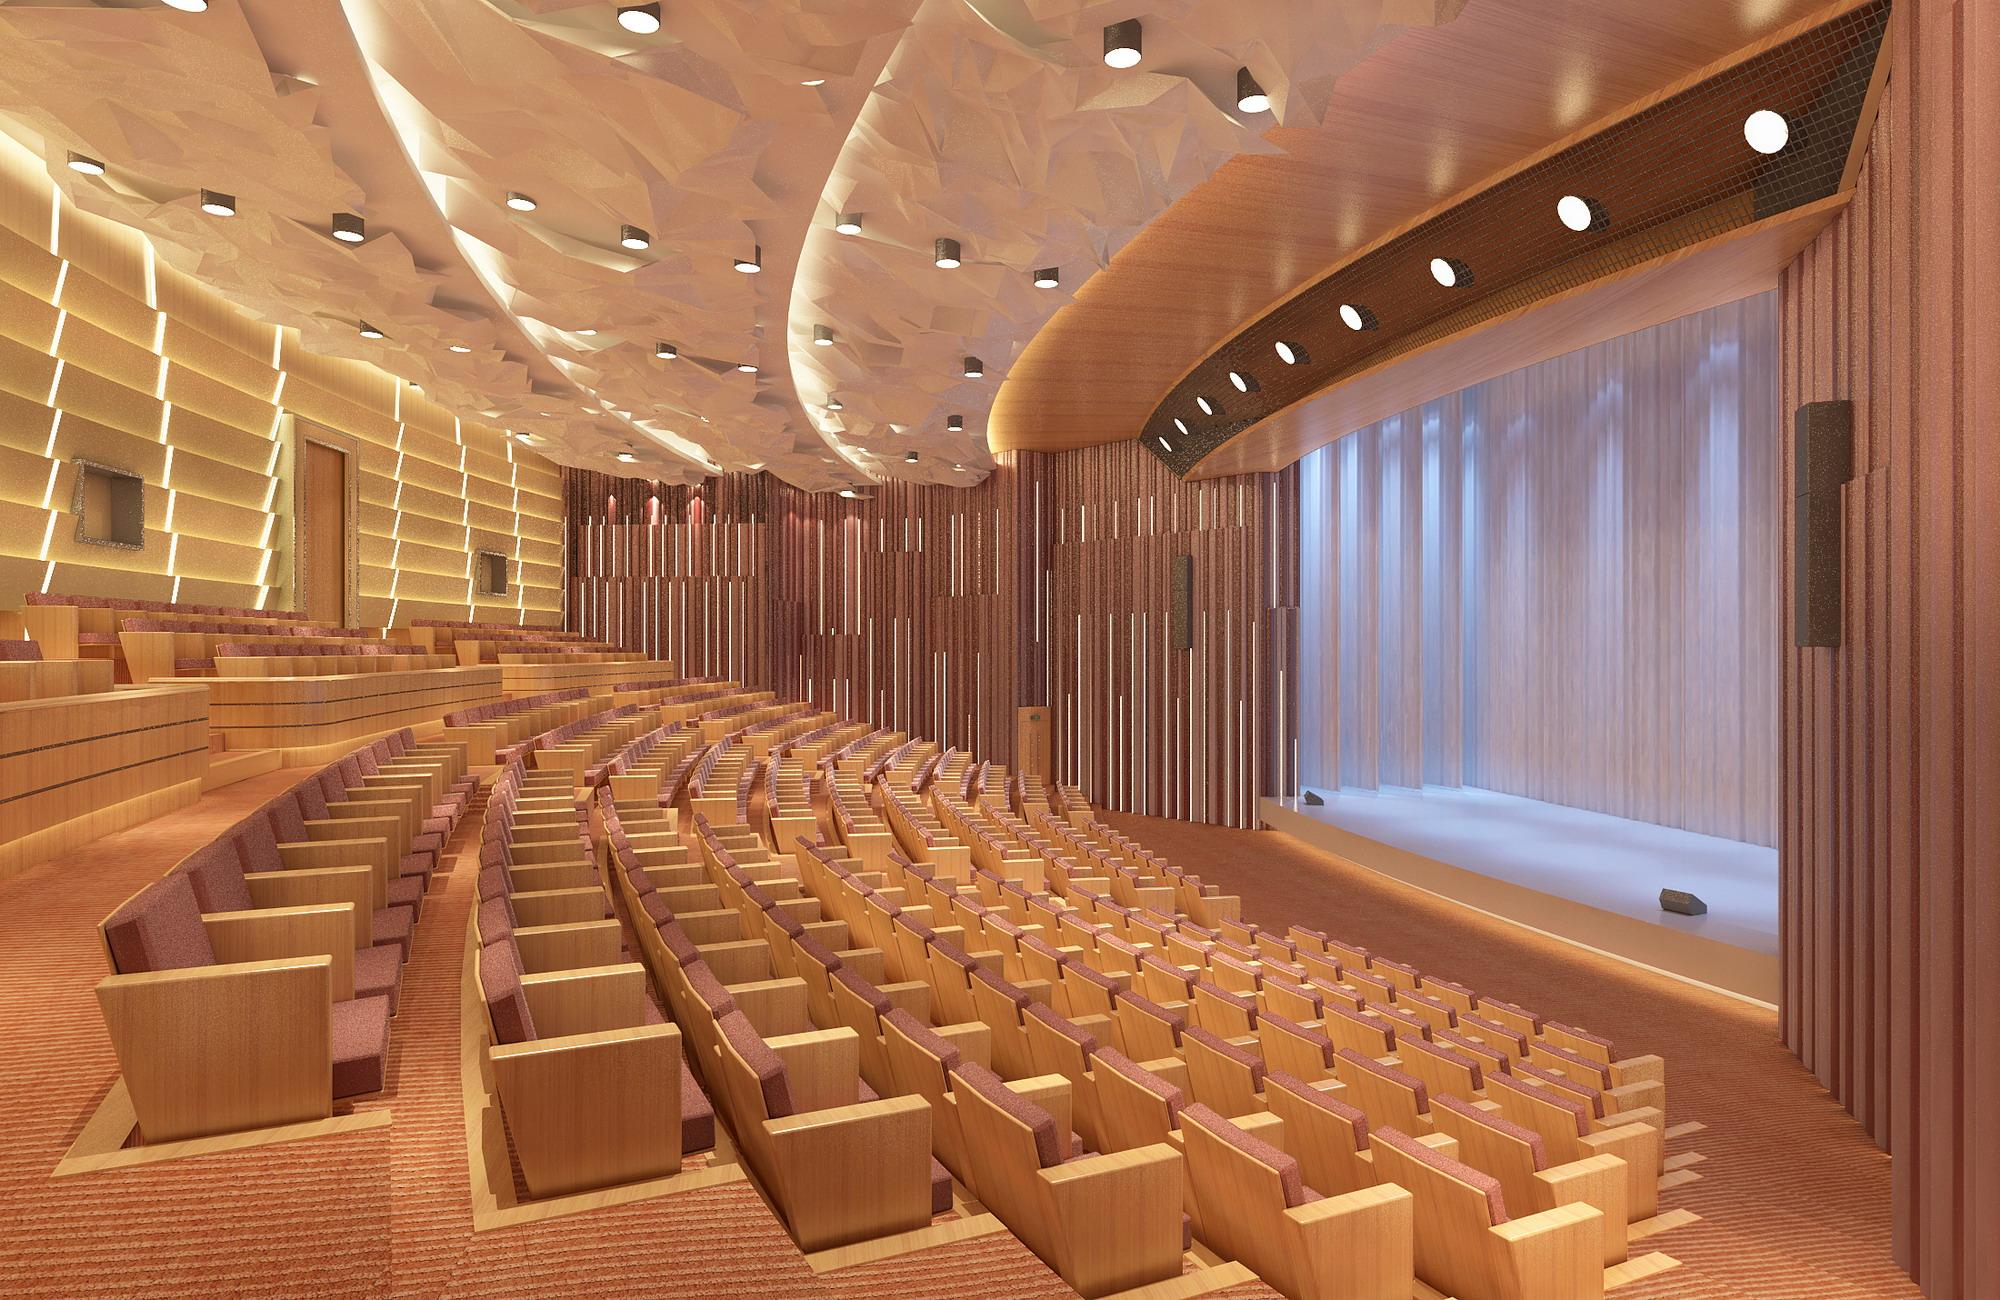 Grand theatre 002 3d model buy grand theatre 002 3d for Theatre model